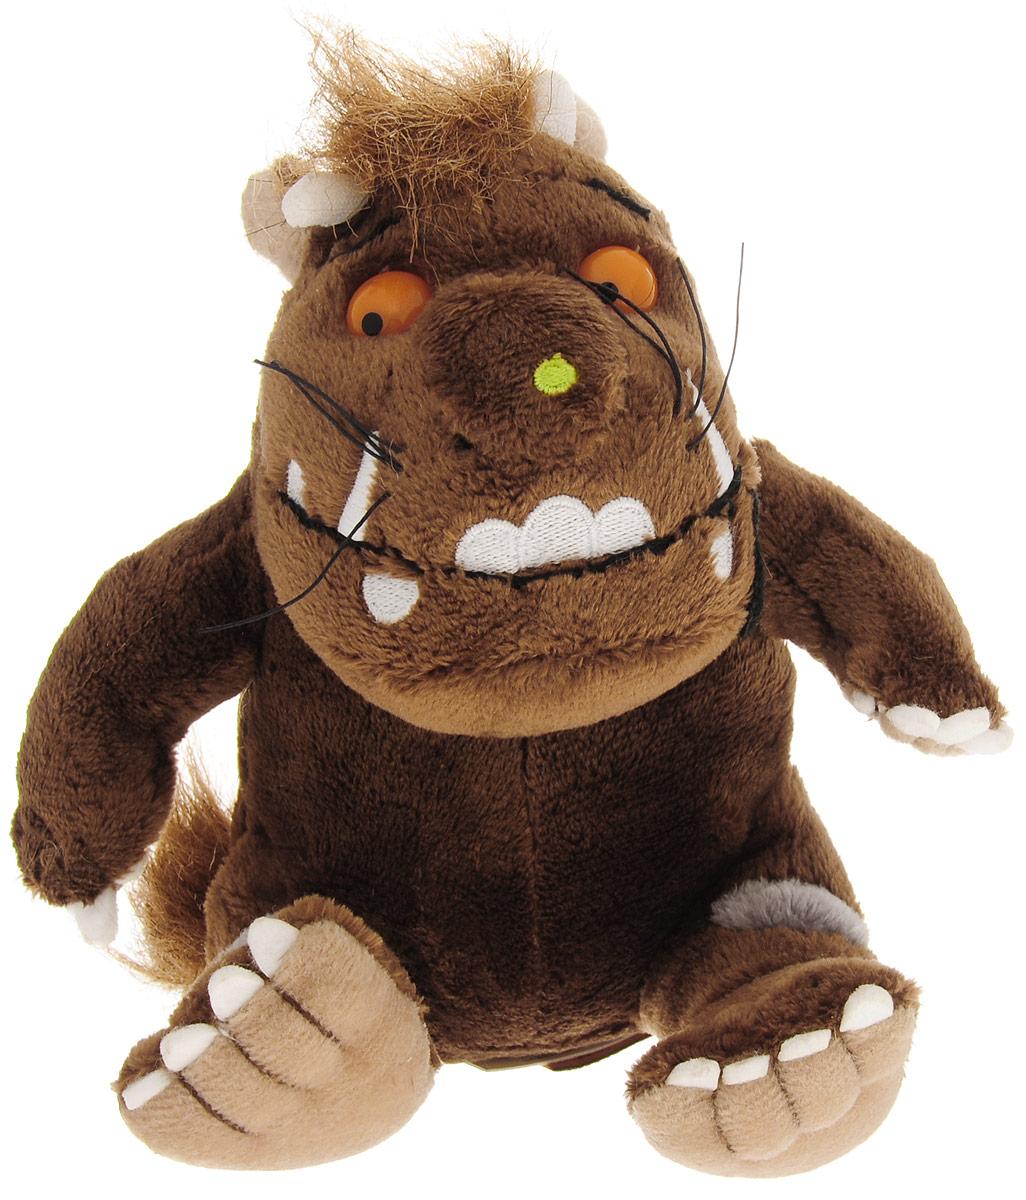 Gruffalo Мягкая игрушка Груффало 18 см малышарики мягкая игрушка собака бассет хаунд 23 см